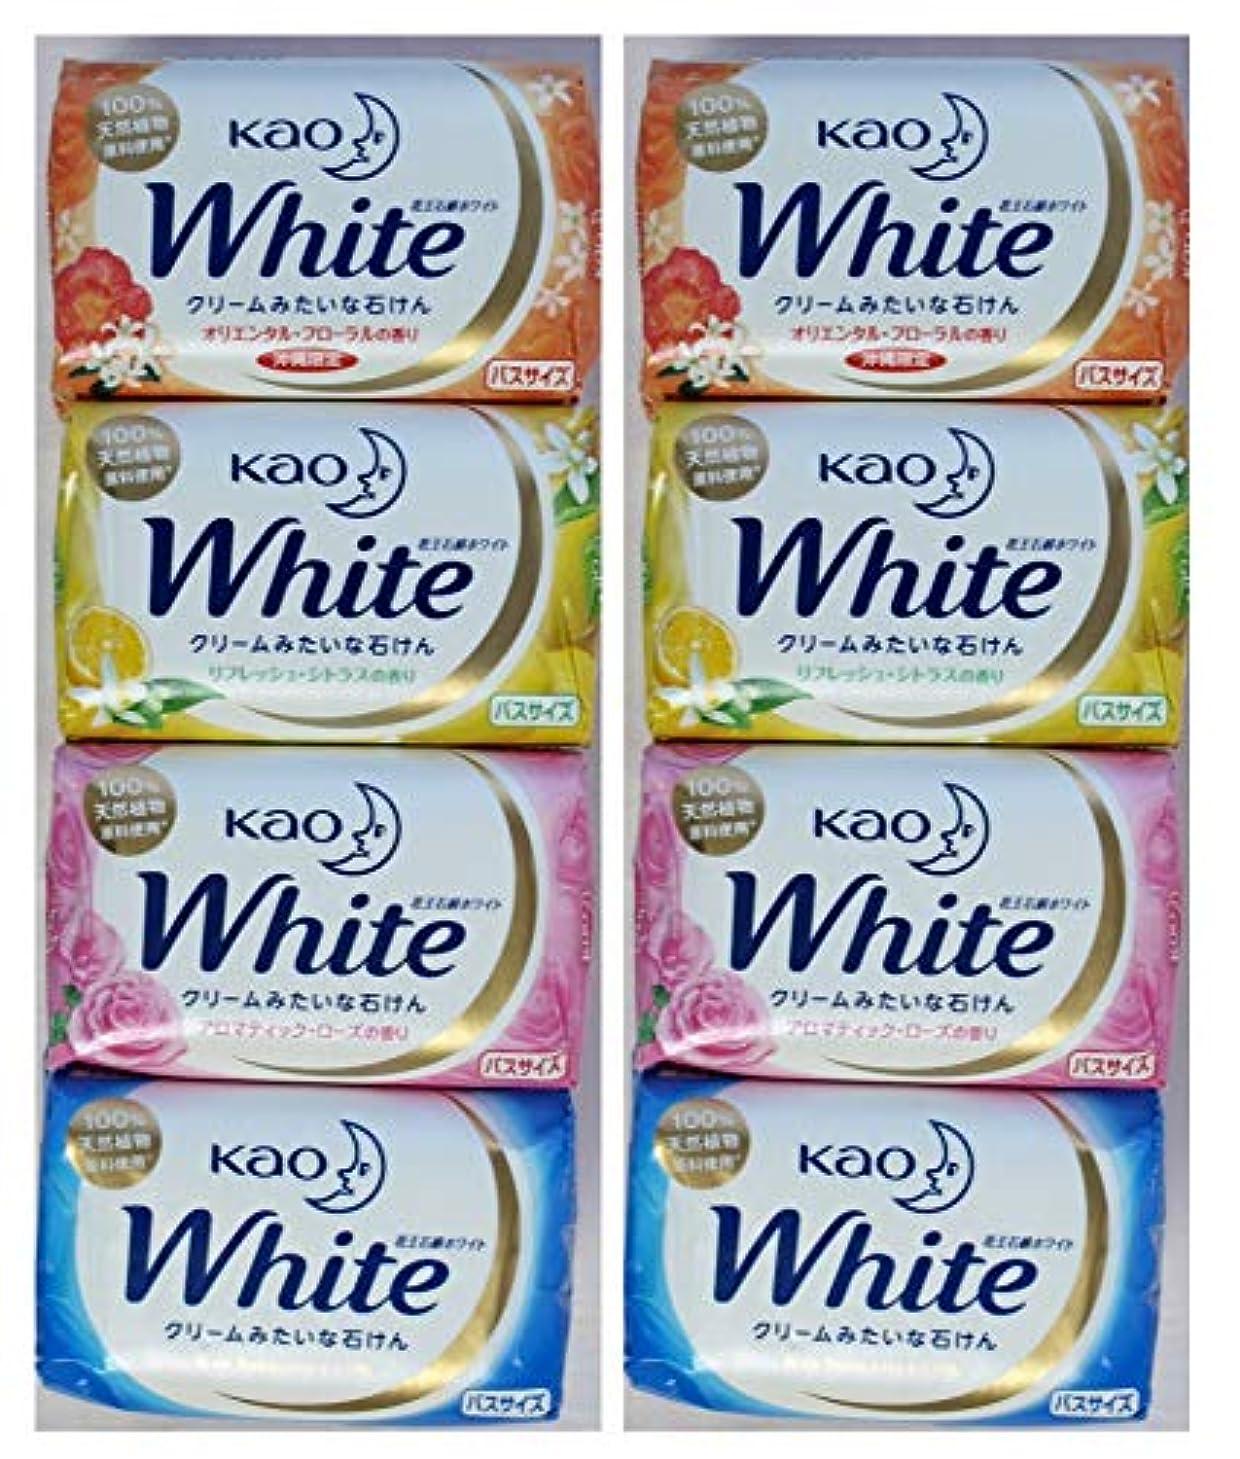 アコー匿名マイクロプロセッサ561988-8P 花王 Kao 石けんホワイト 4つの香り(オリエンタルフローラル/ホワイトフローラル/アロマティックローズ/リフレッシュシトラスの4種) 130g×4種×2set 計8個